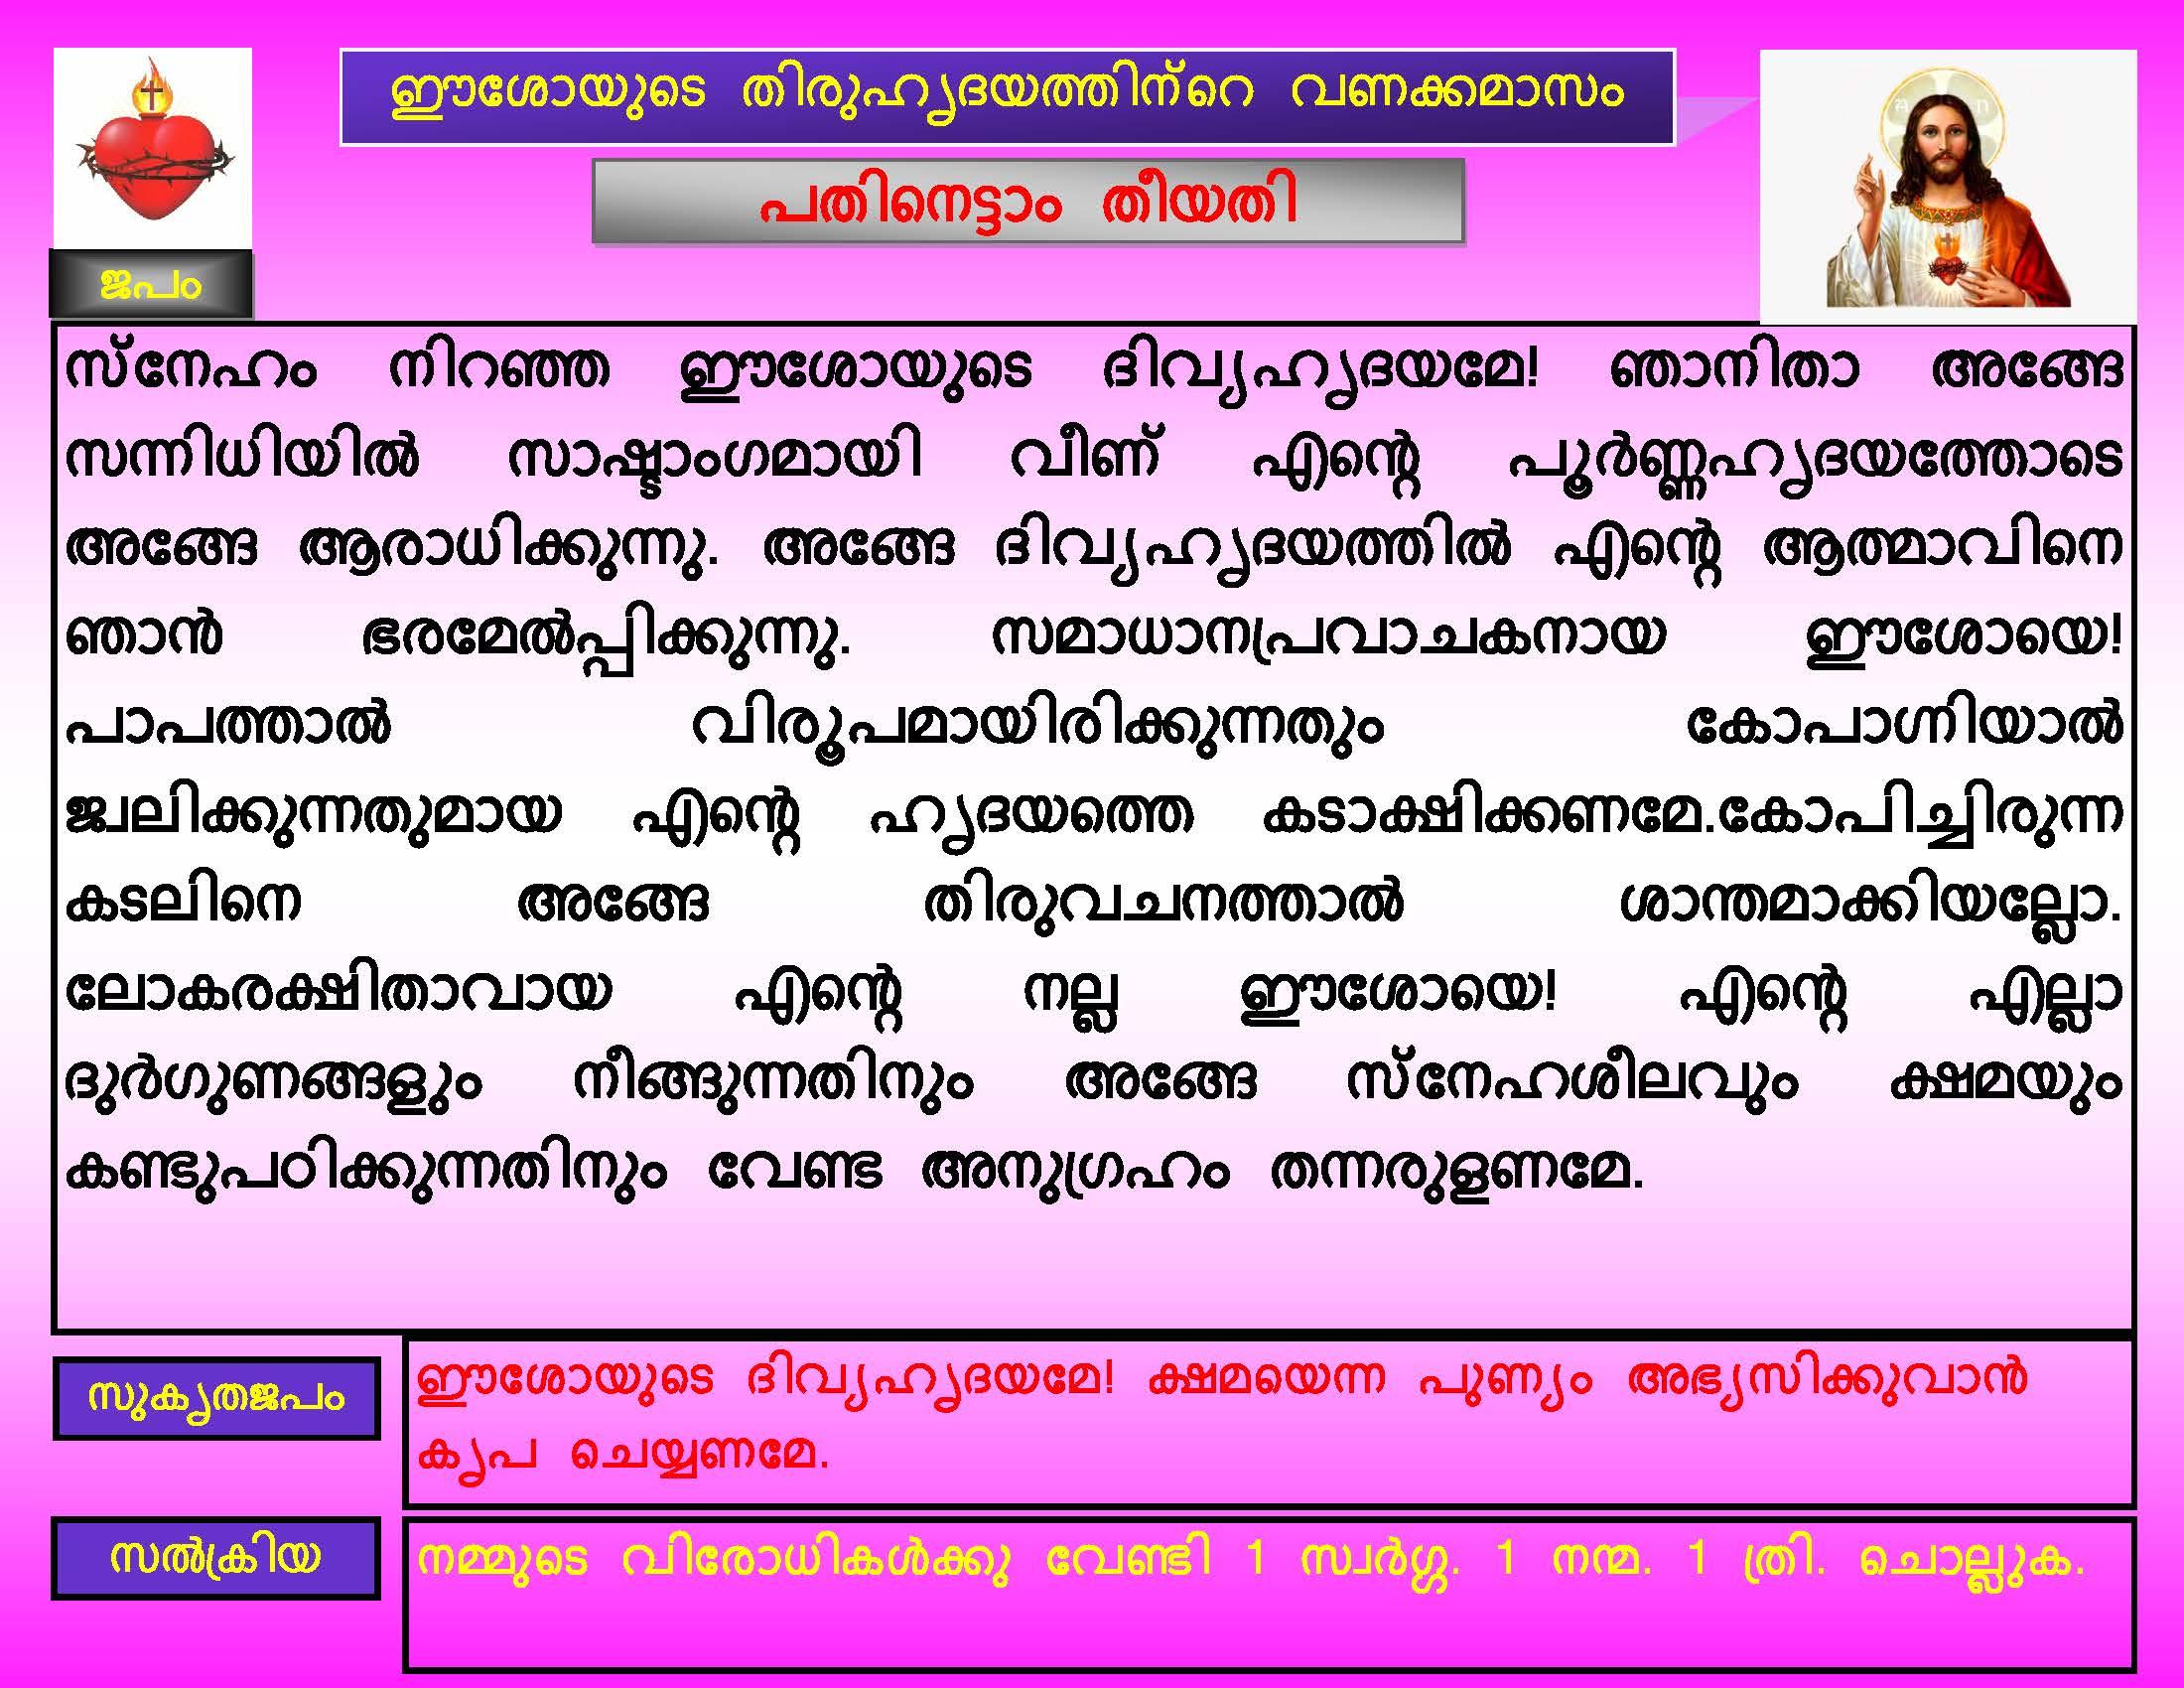 Thiruhrudaya Vanakkamasam - Day 18